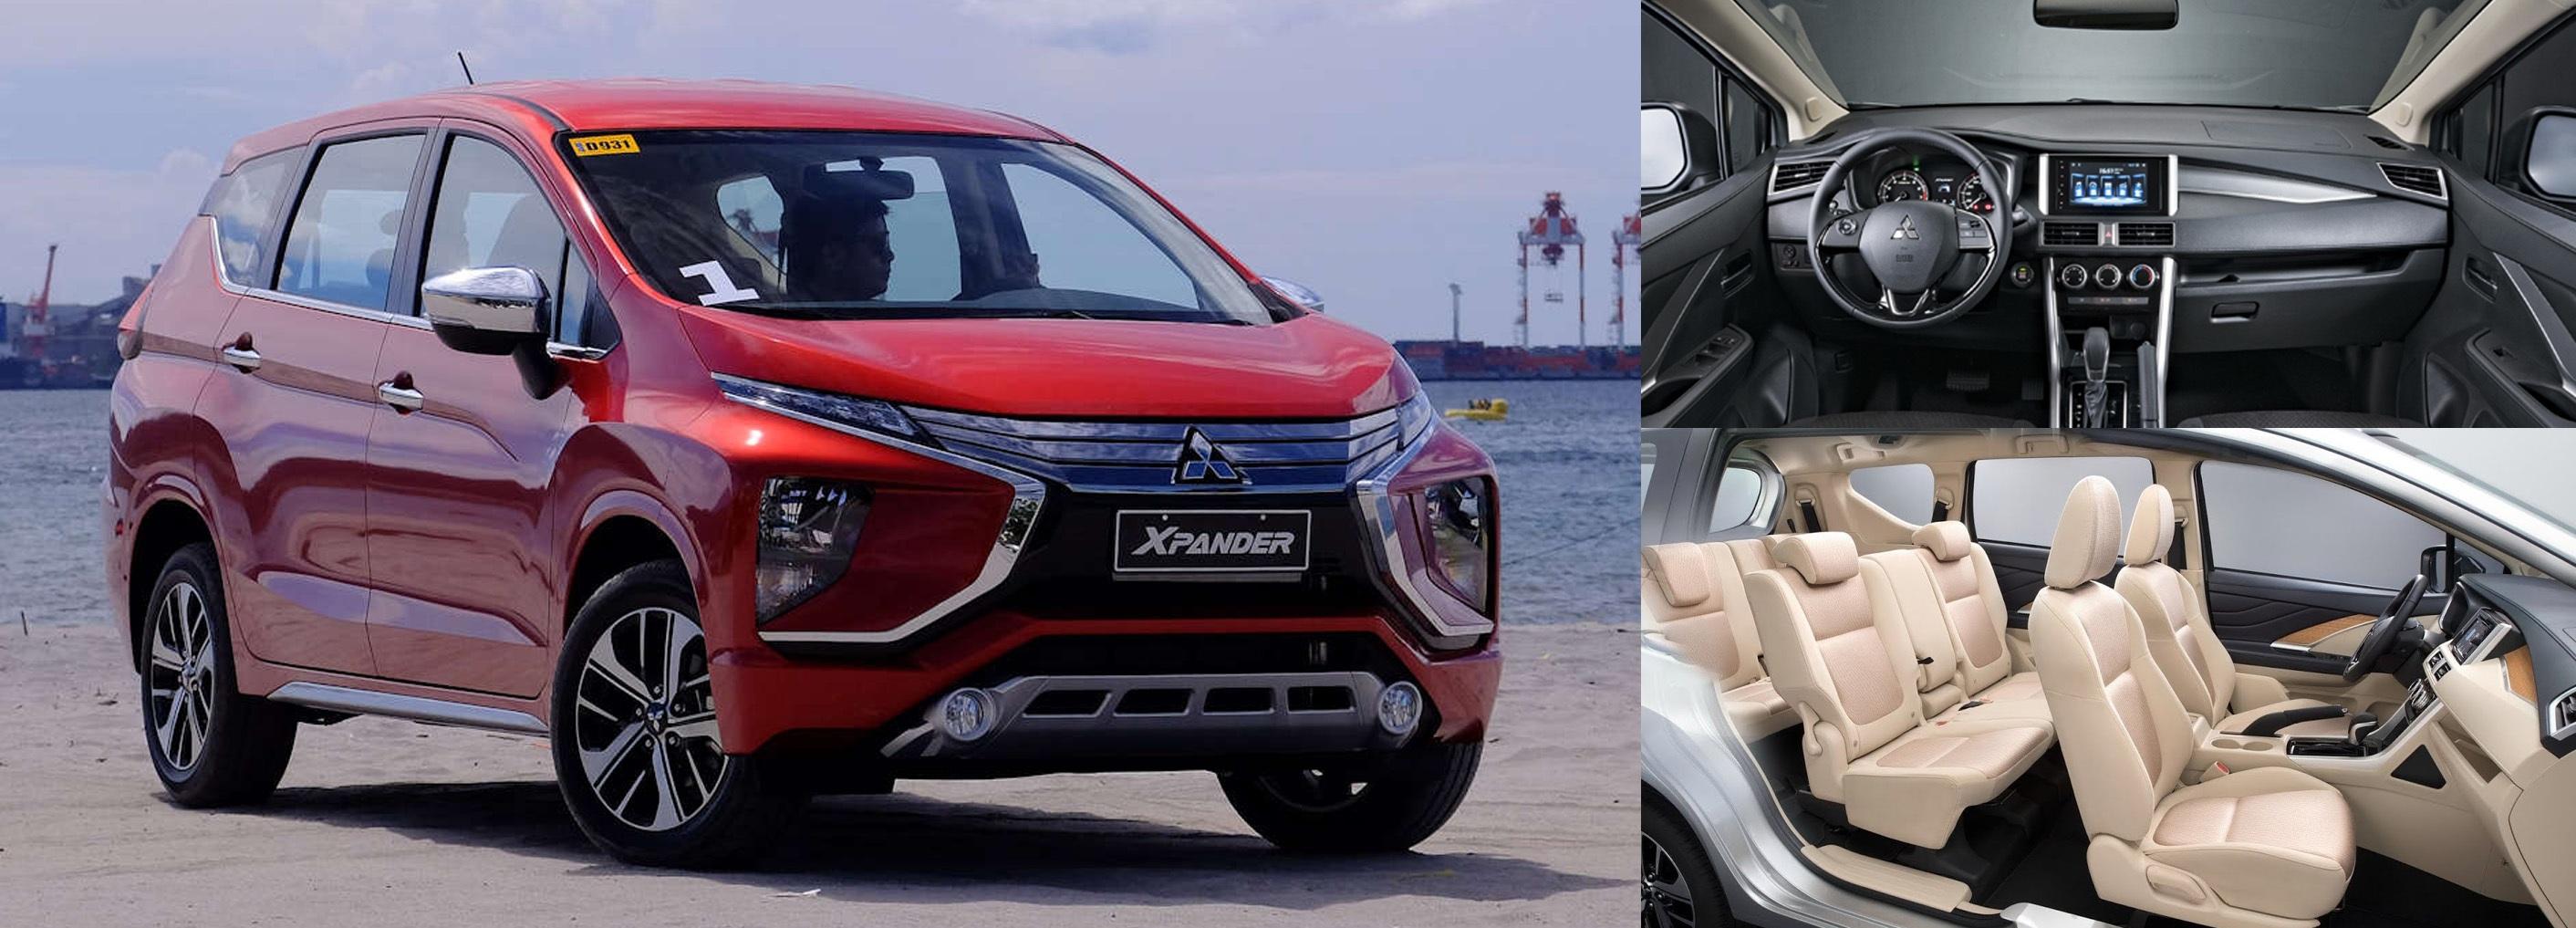 Phân khúc MPV tháng 5/2019: Sự ngạc nhiên mang tên Mitsubishi Xpander - 3